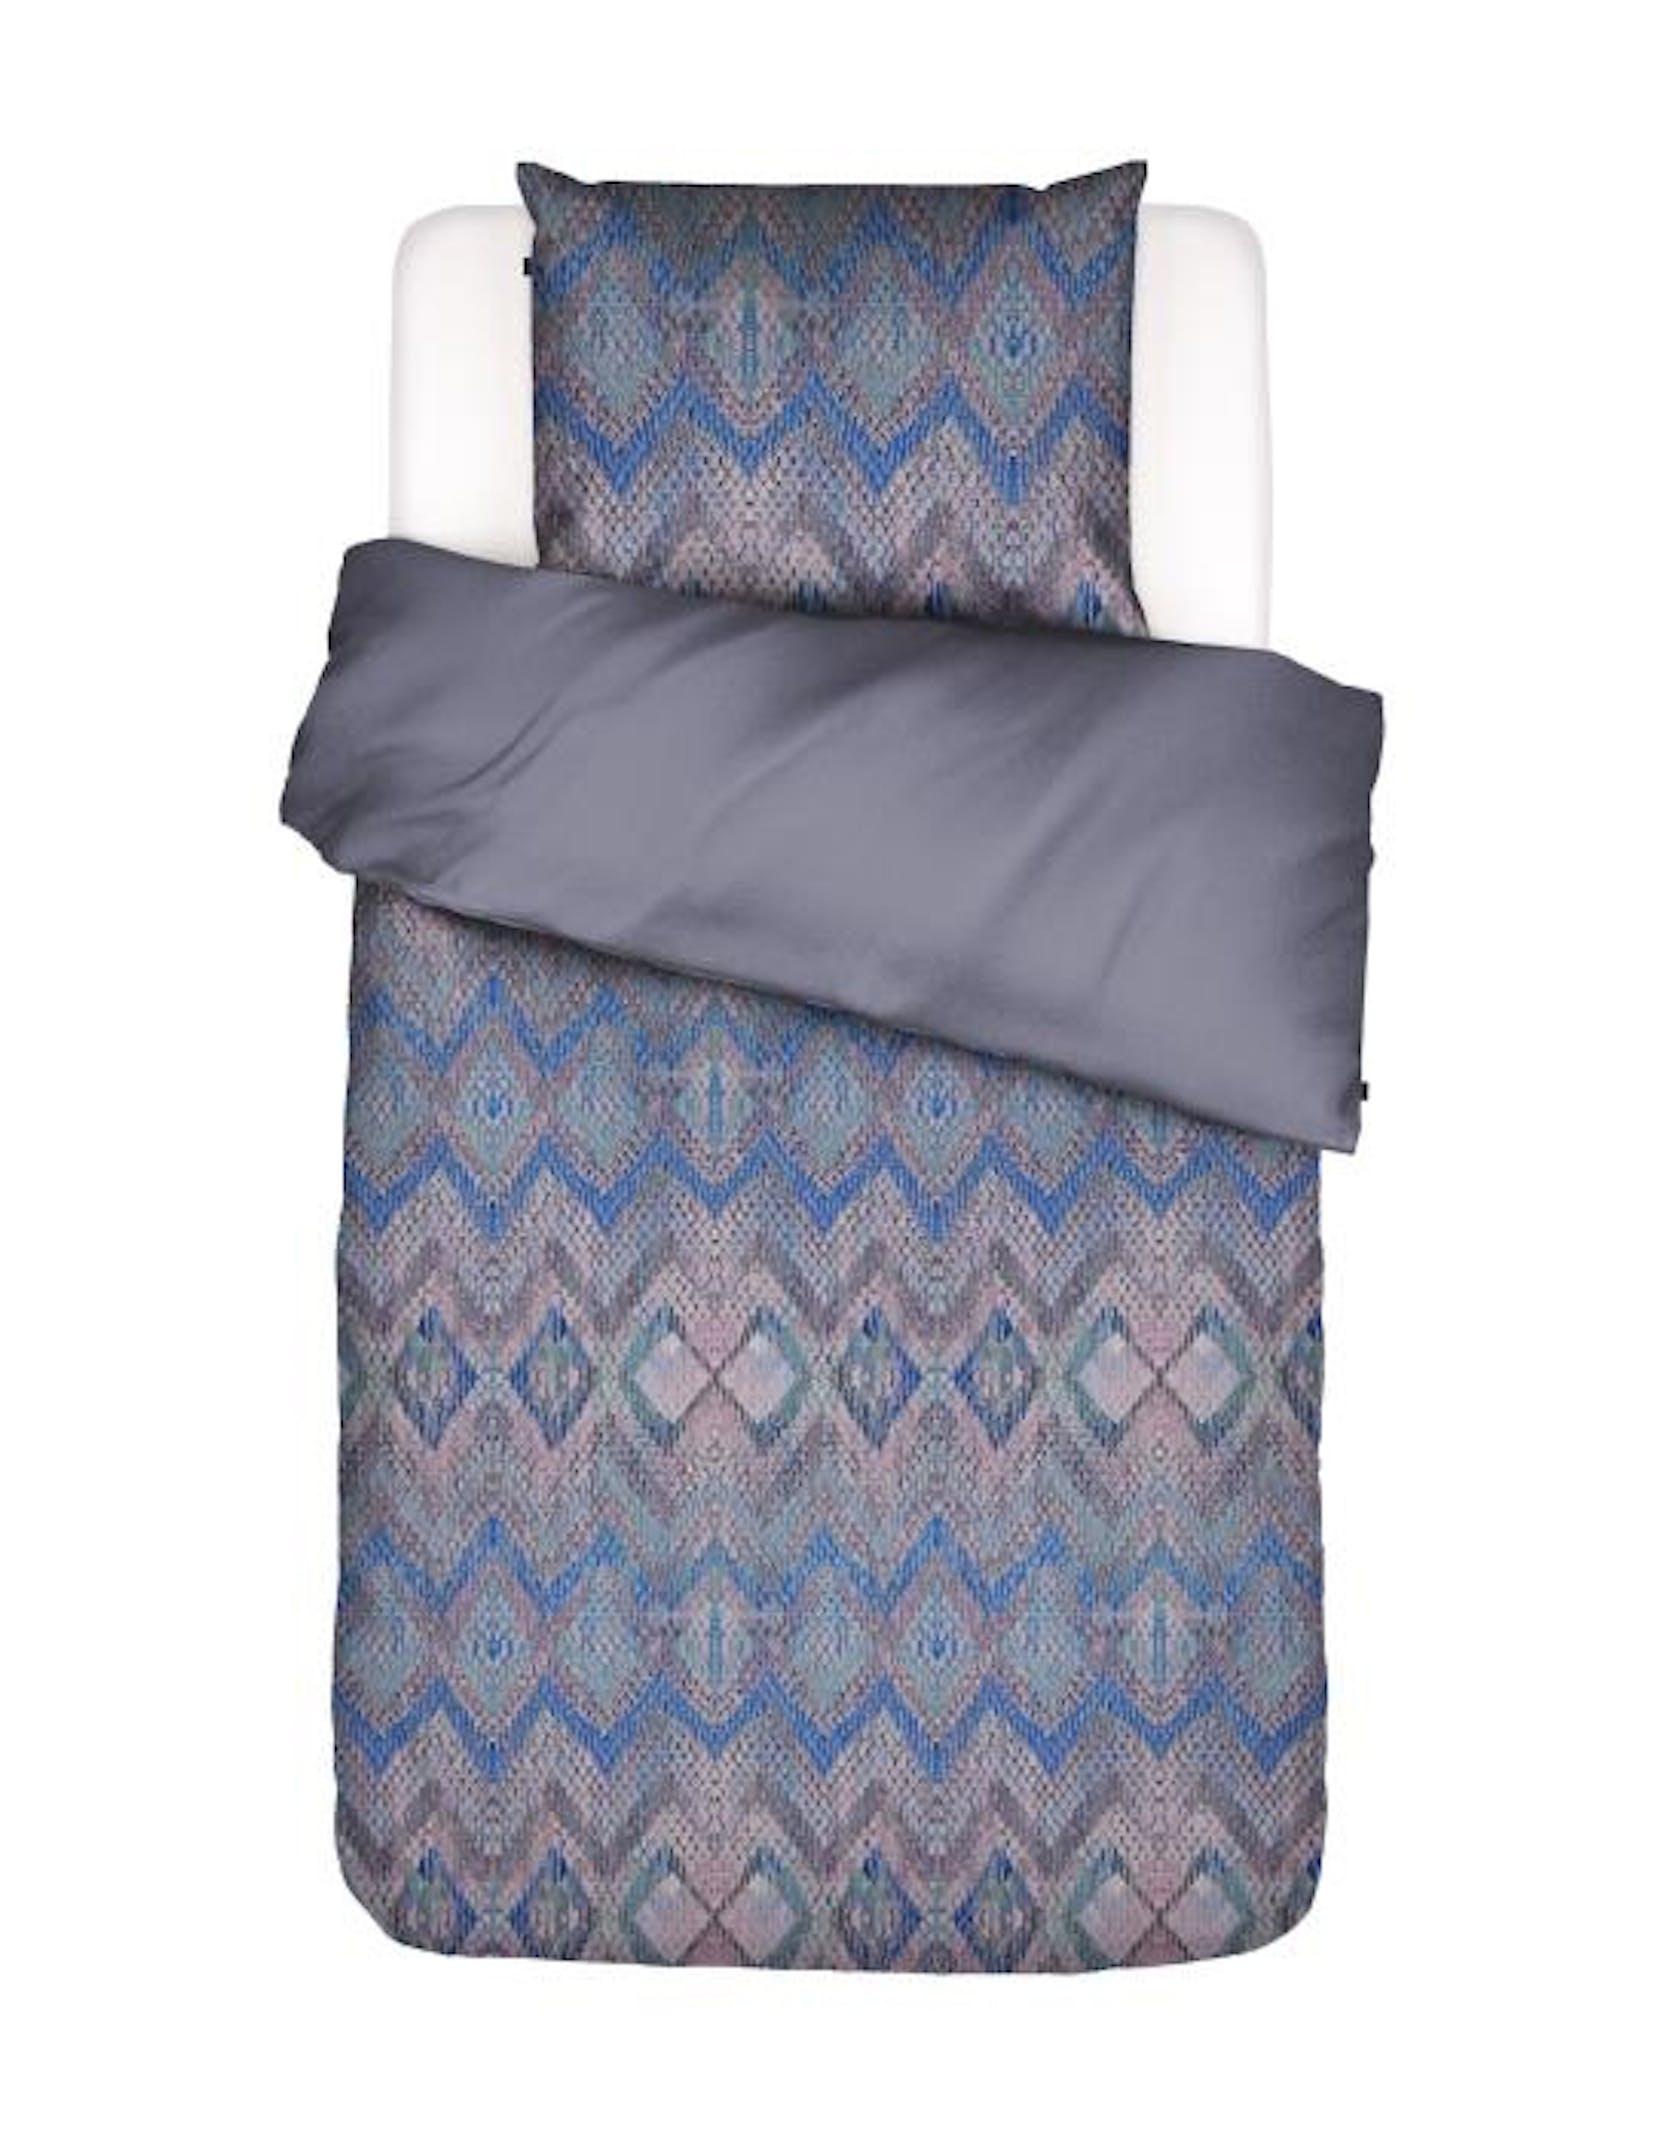 ESSENZA Fabienne Bettwäsche Zickzack Muster Blau Granite